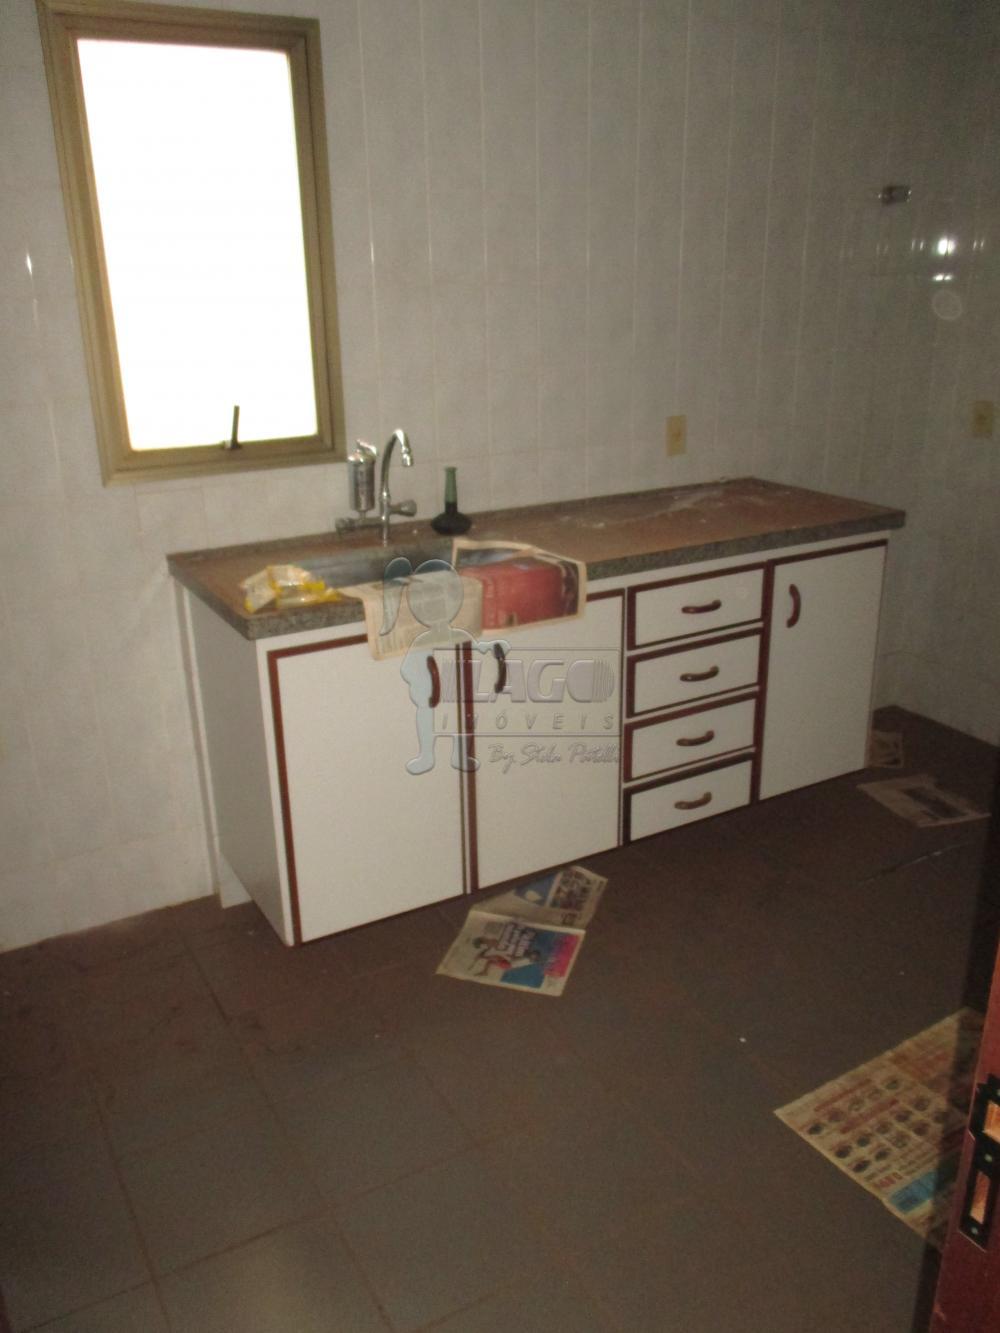 Comprar Apartamento / Padrão em Ribeirão Preto apenas R$ 270.000,00 - Foto 6